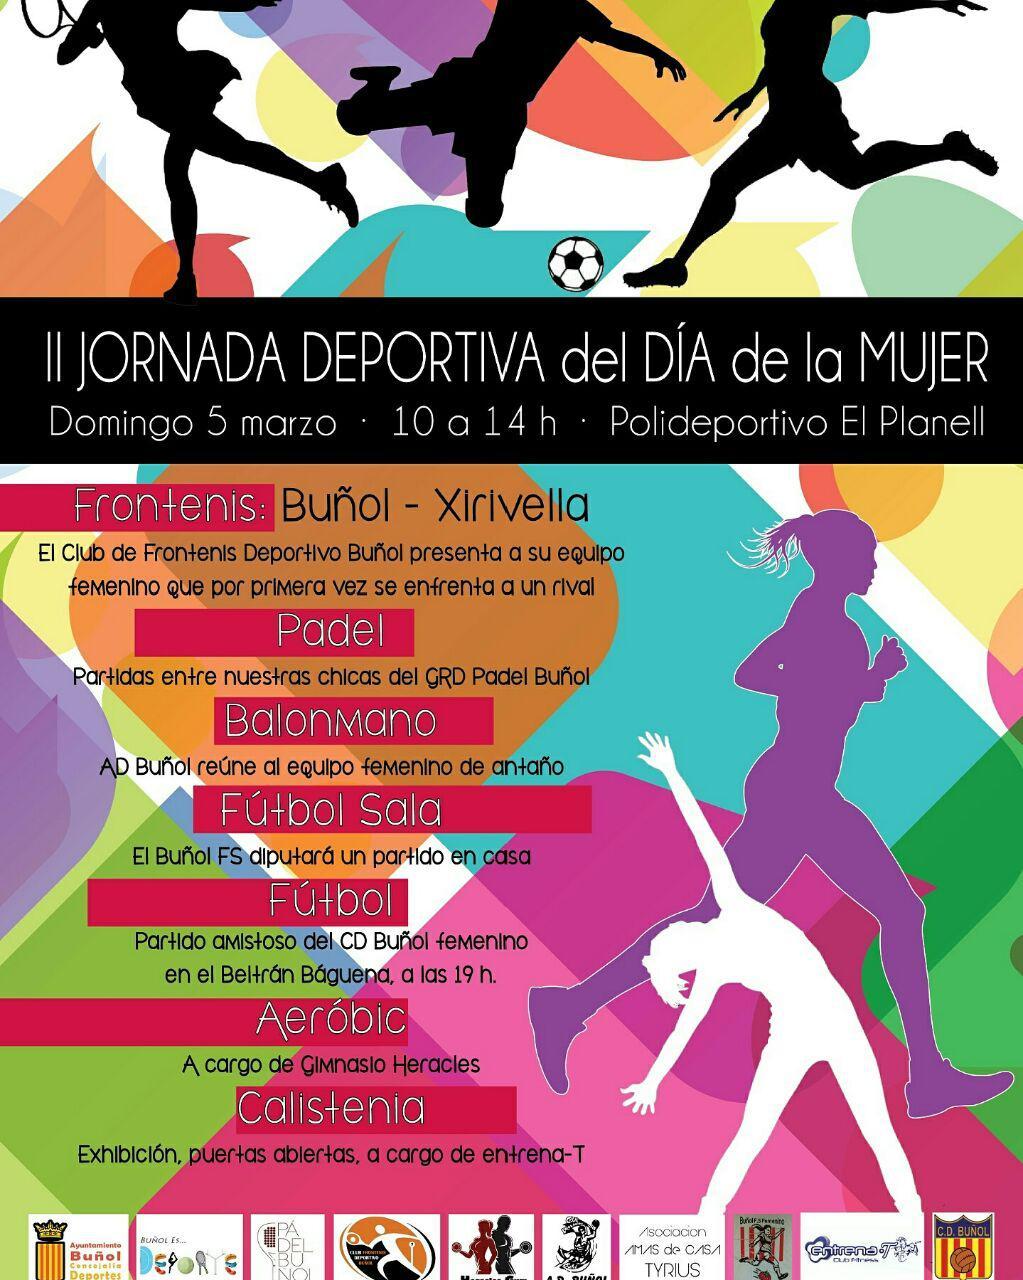 Cartel de la jornada deportiva prevista en Buñol.